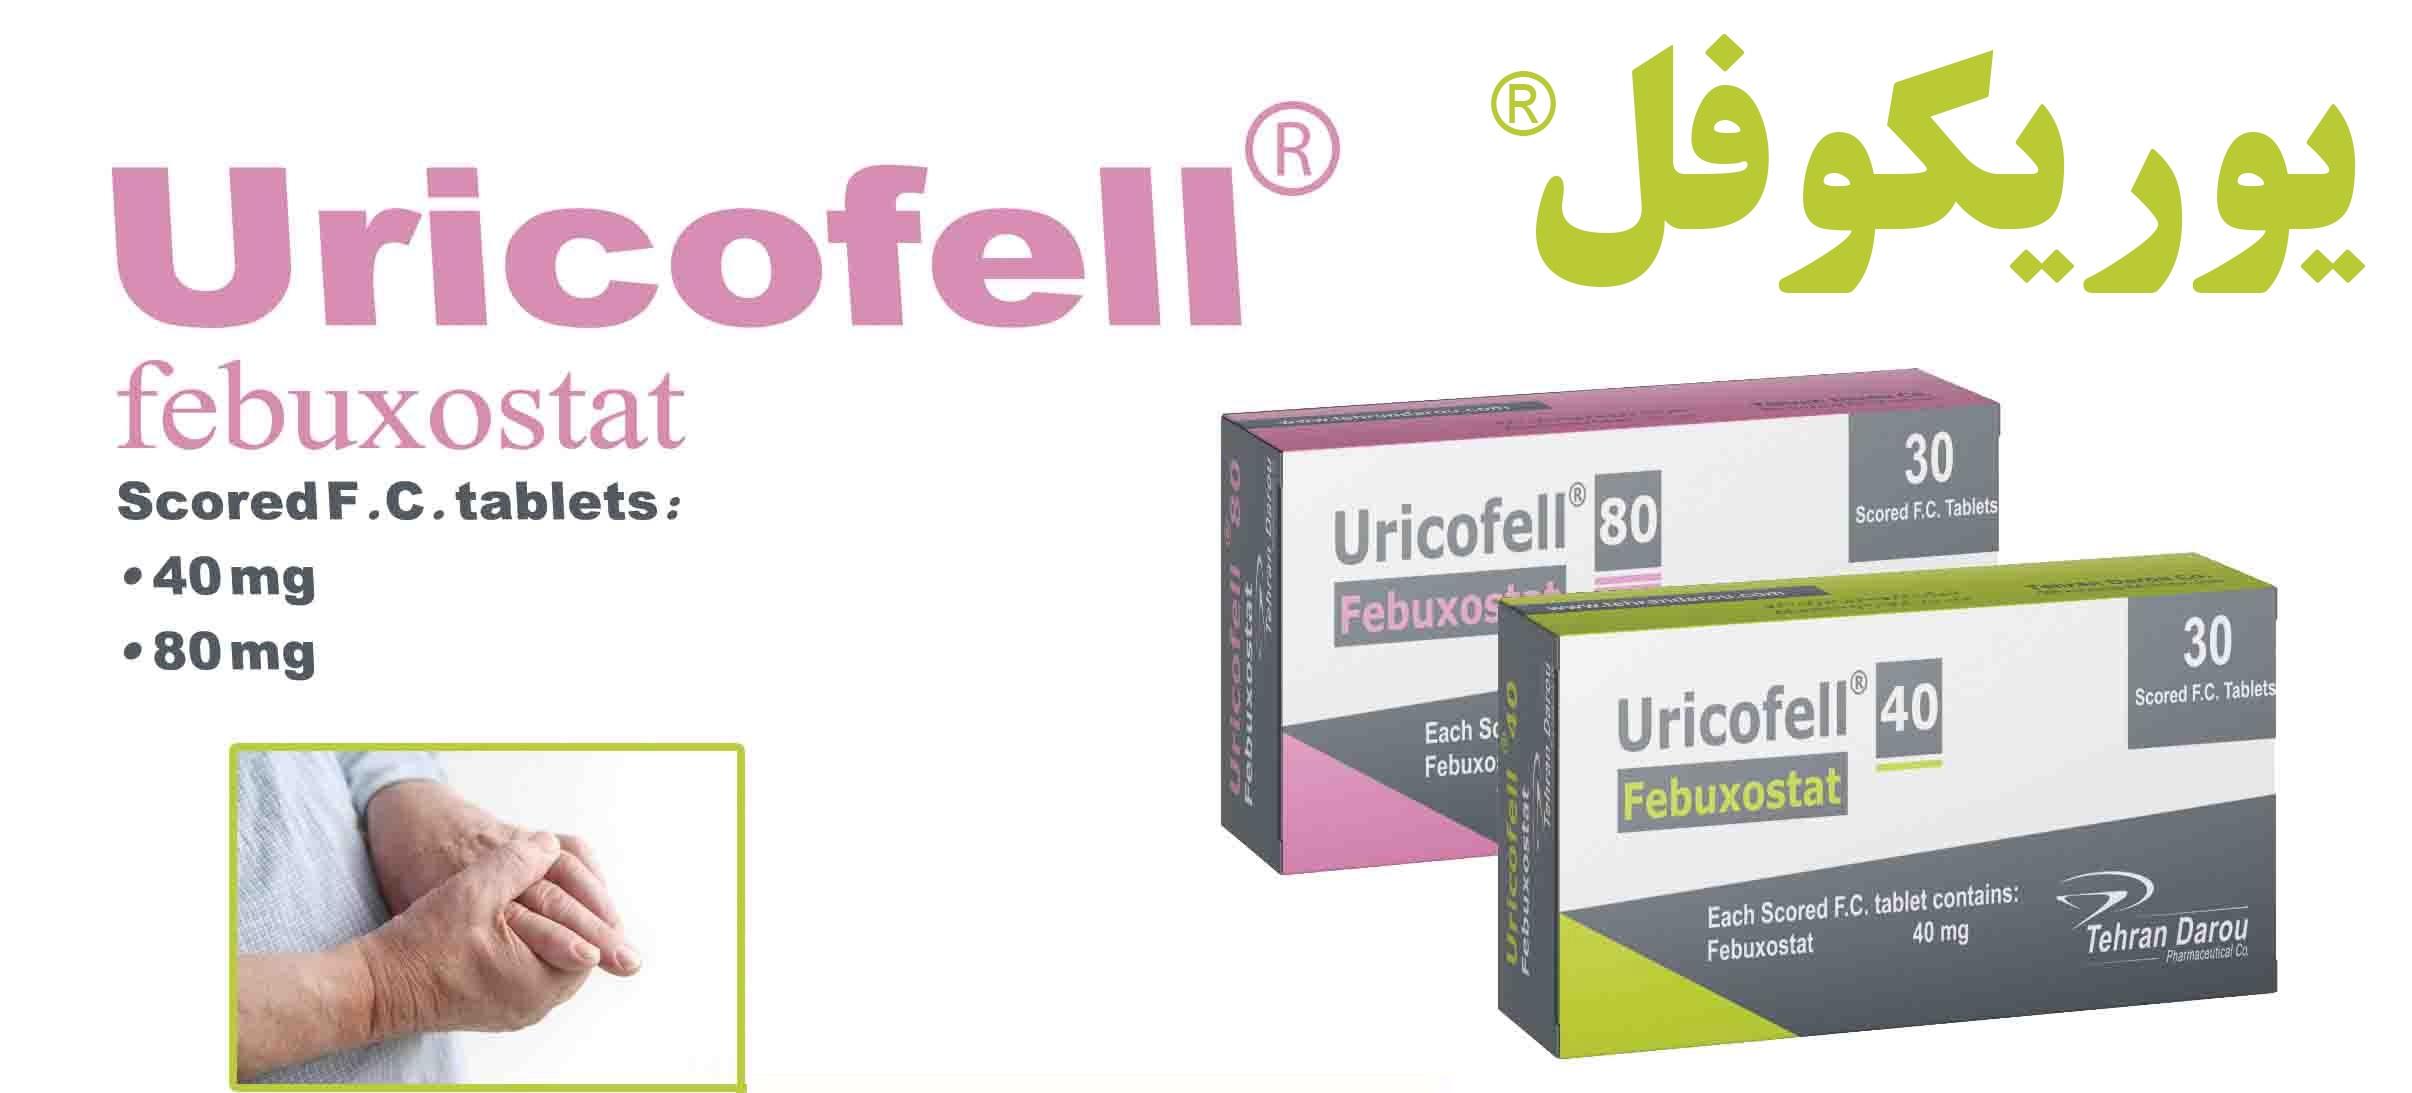 Uricofell